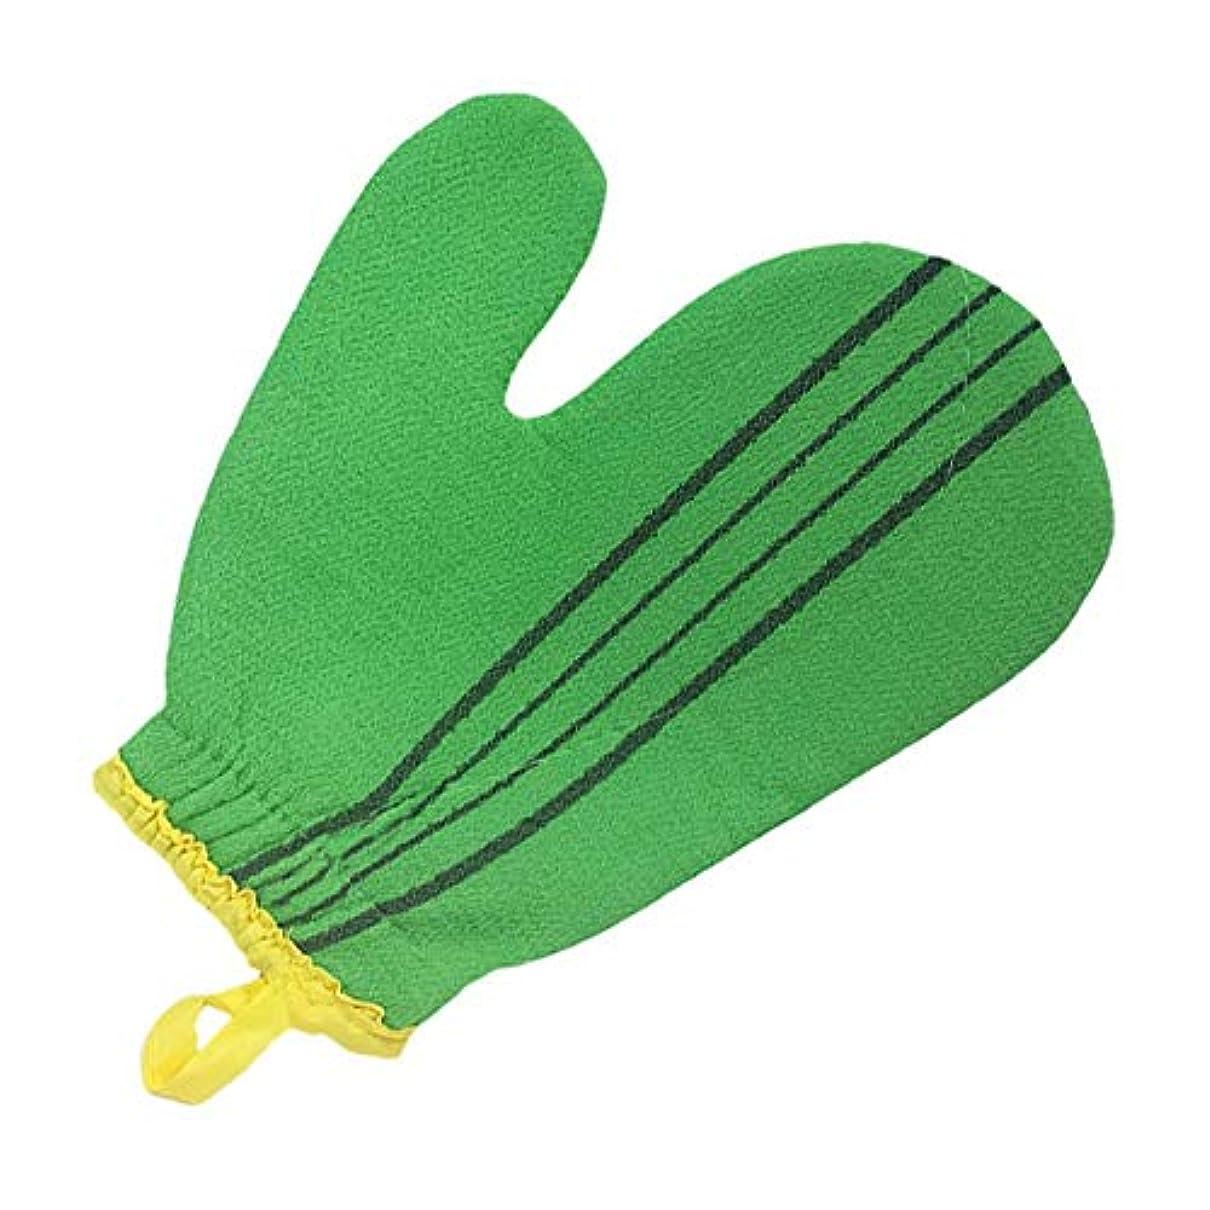 枯れるハンカチ何でも(韓国ブランド) 特大サイズ スポンジあかすり 手袋型 全身エステ 両面つばあかすり お風呂グッズ ボディタオル ボディースポンジ